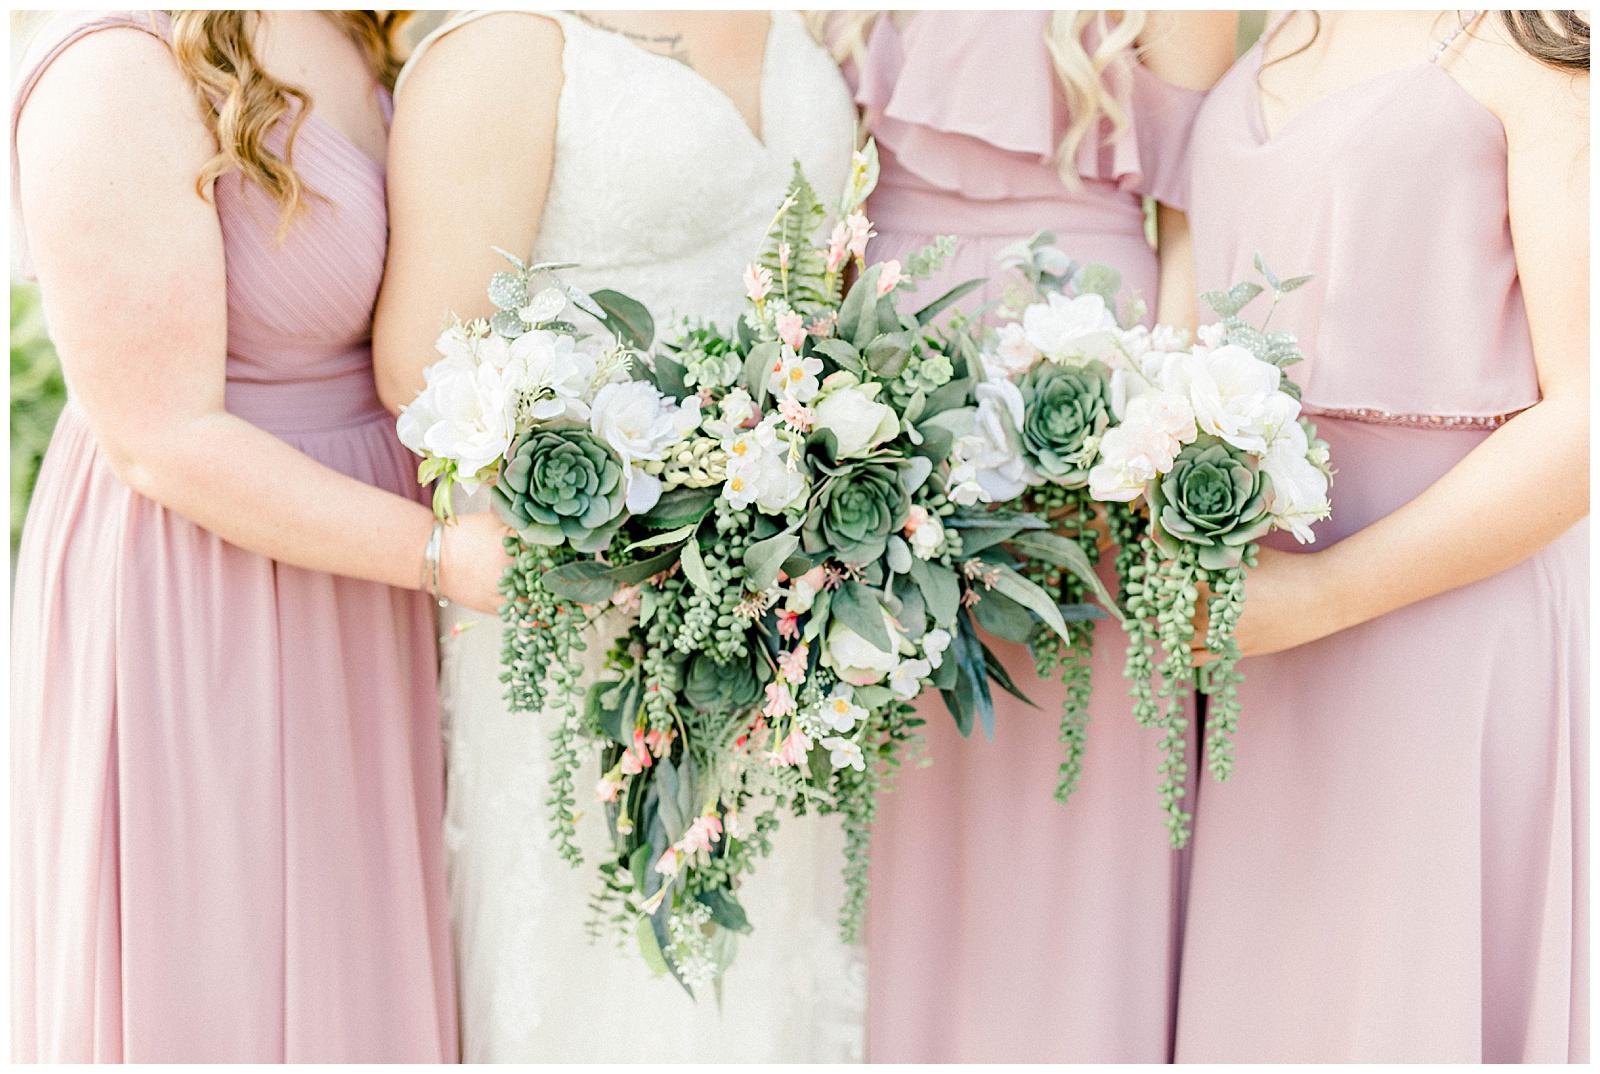 Lewis-Kara-Blakeman-Photography-Huntington-West-Virginia-Wedding-Barn-Olde-Homestead-68